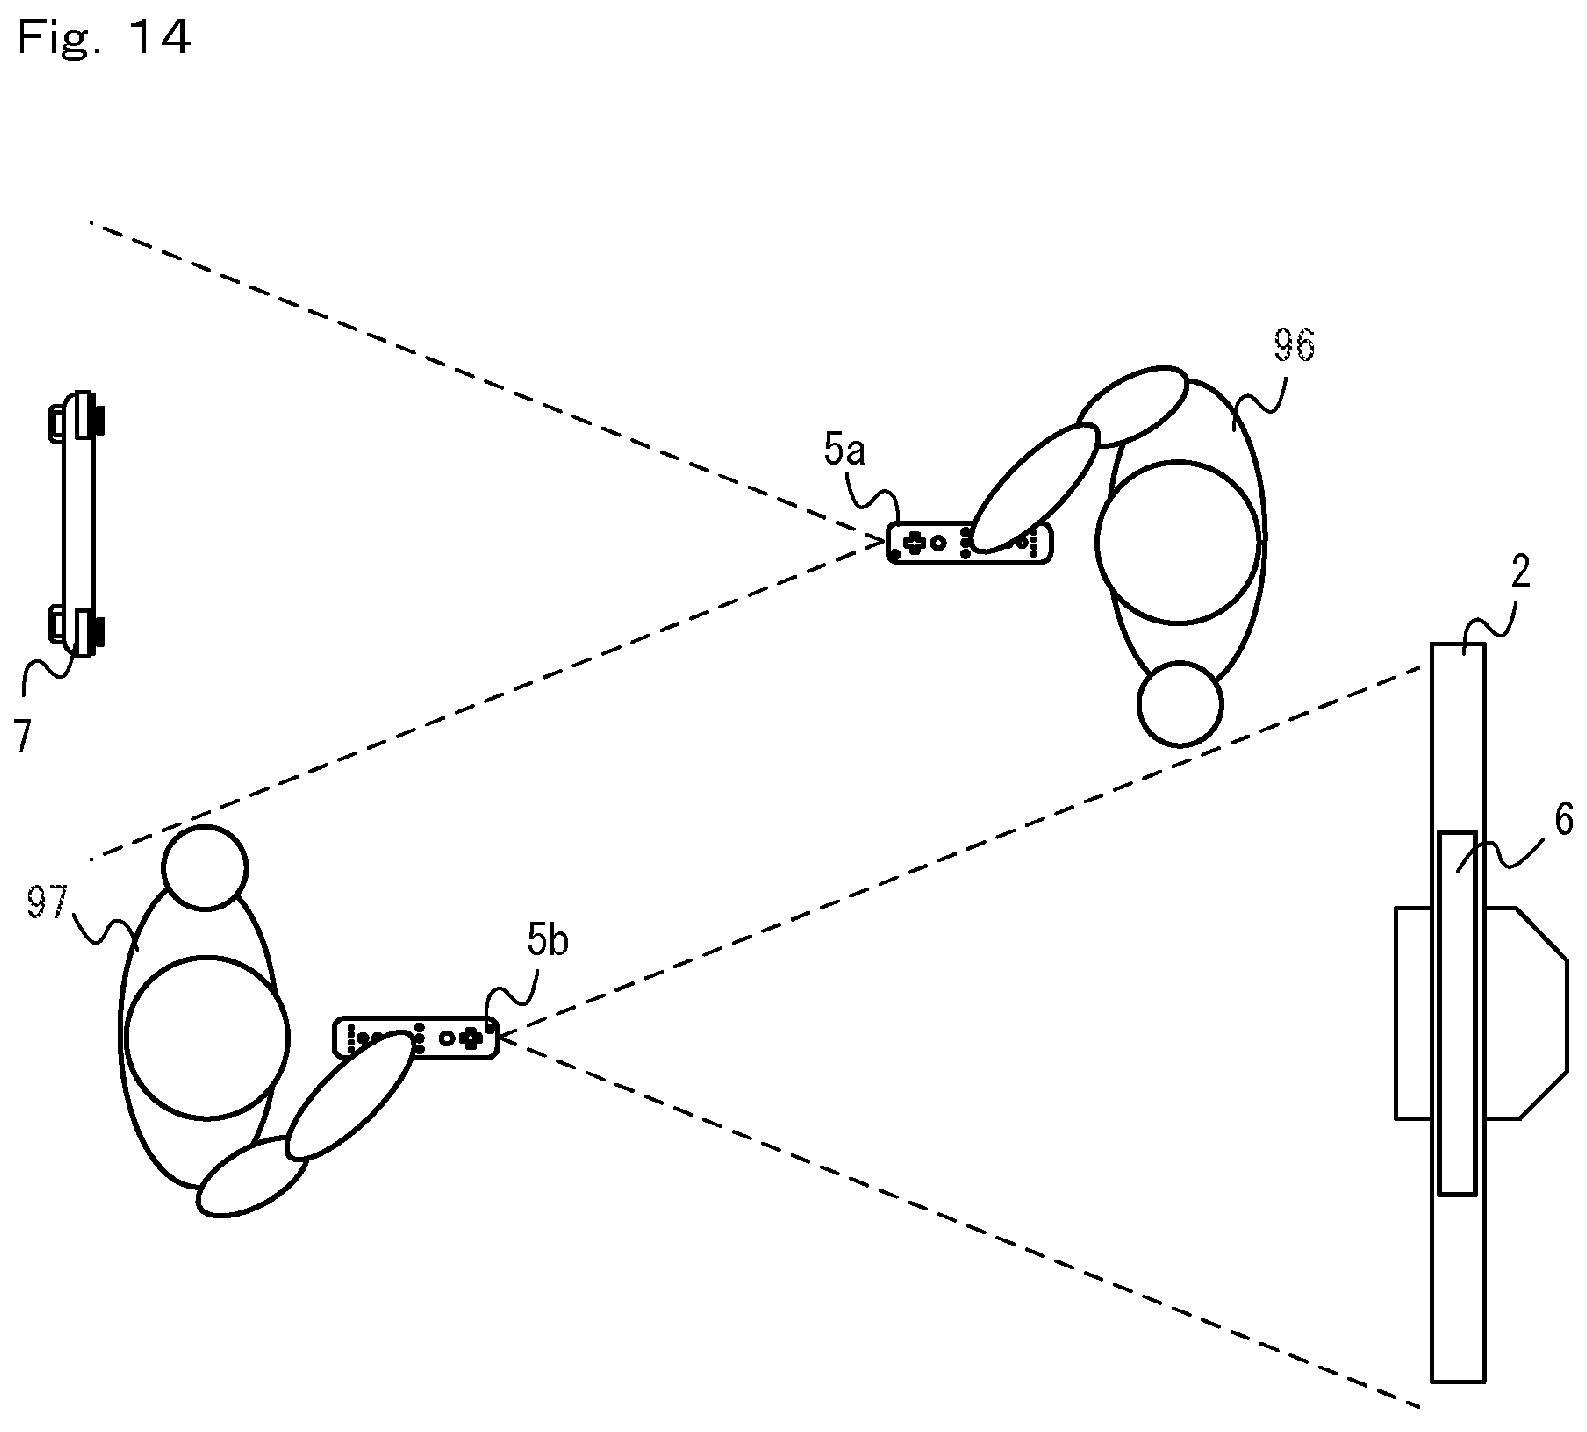 Patente Wii U